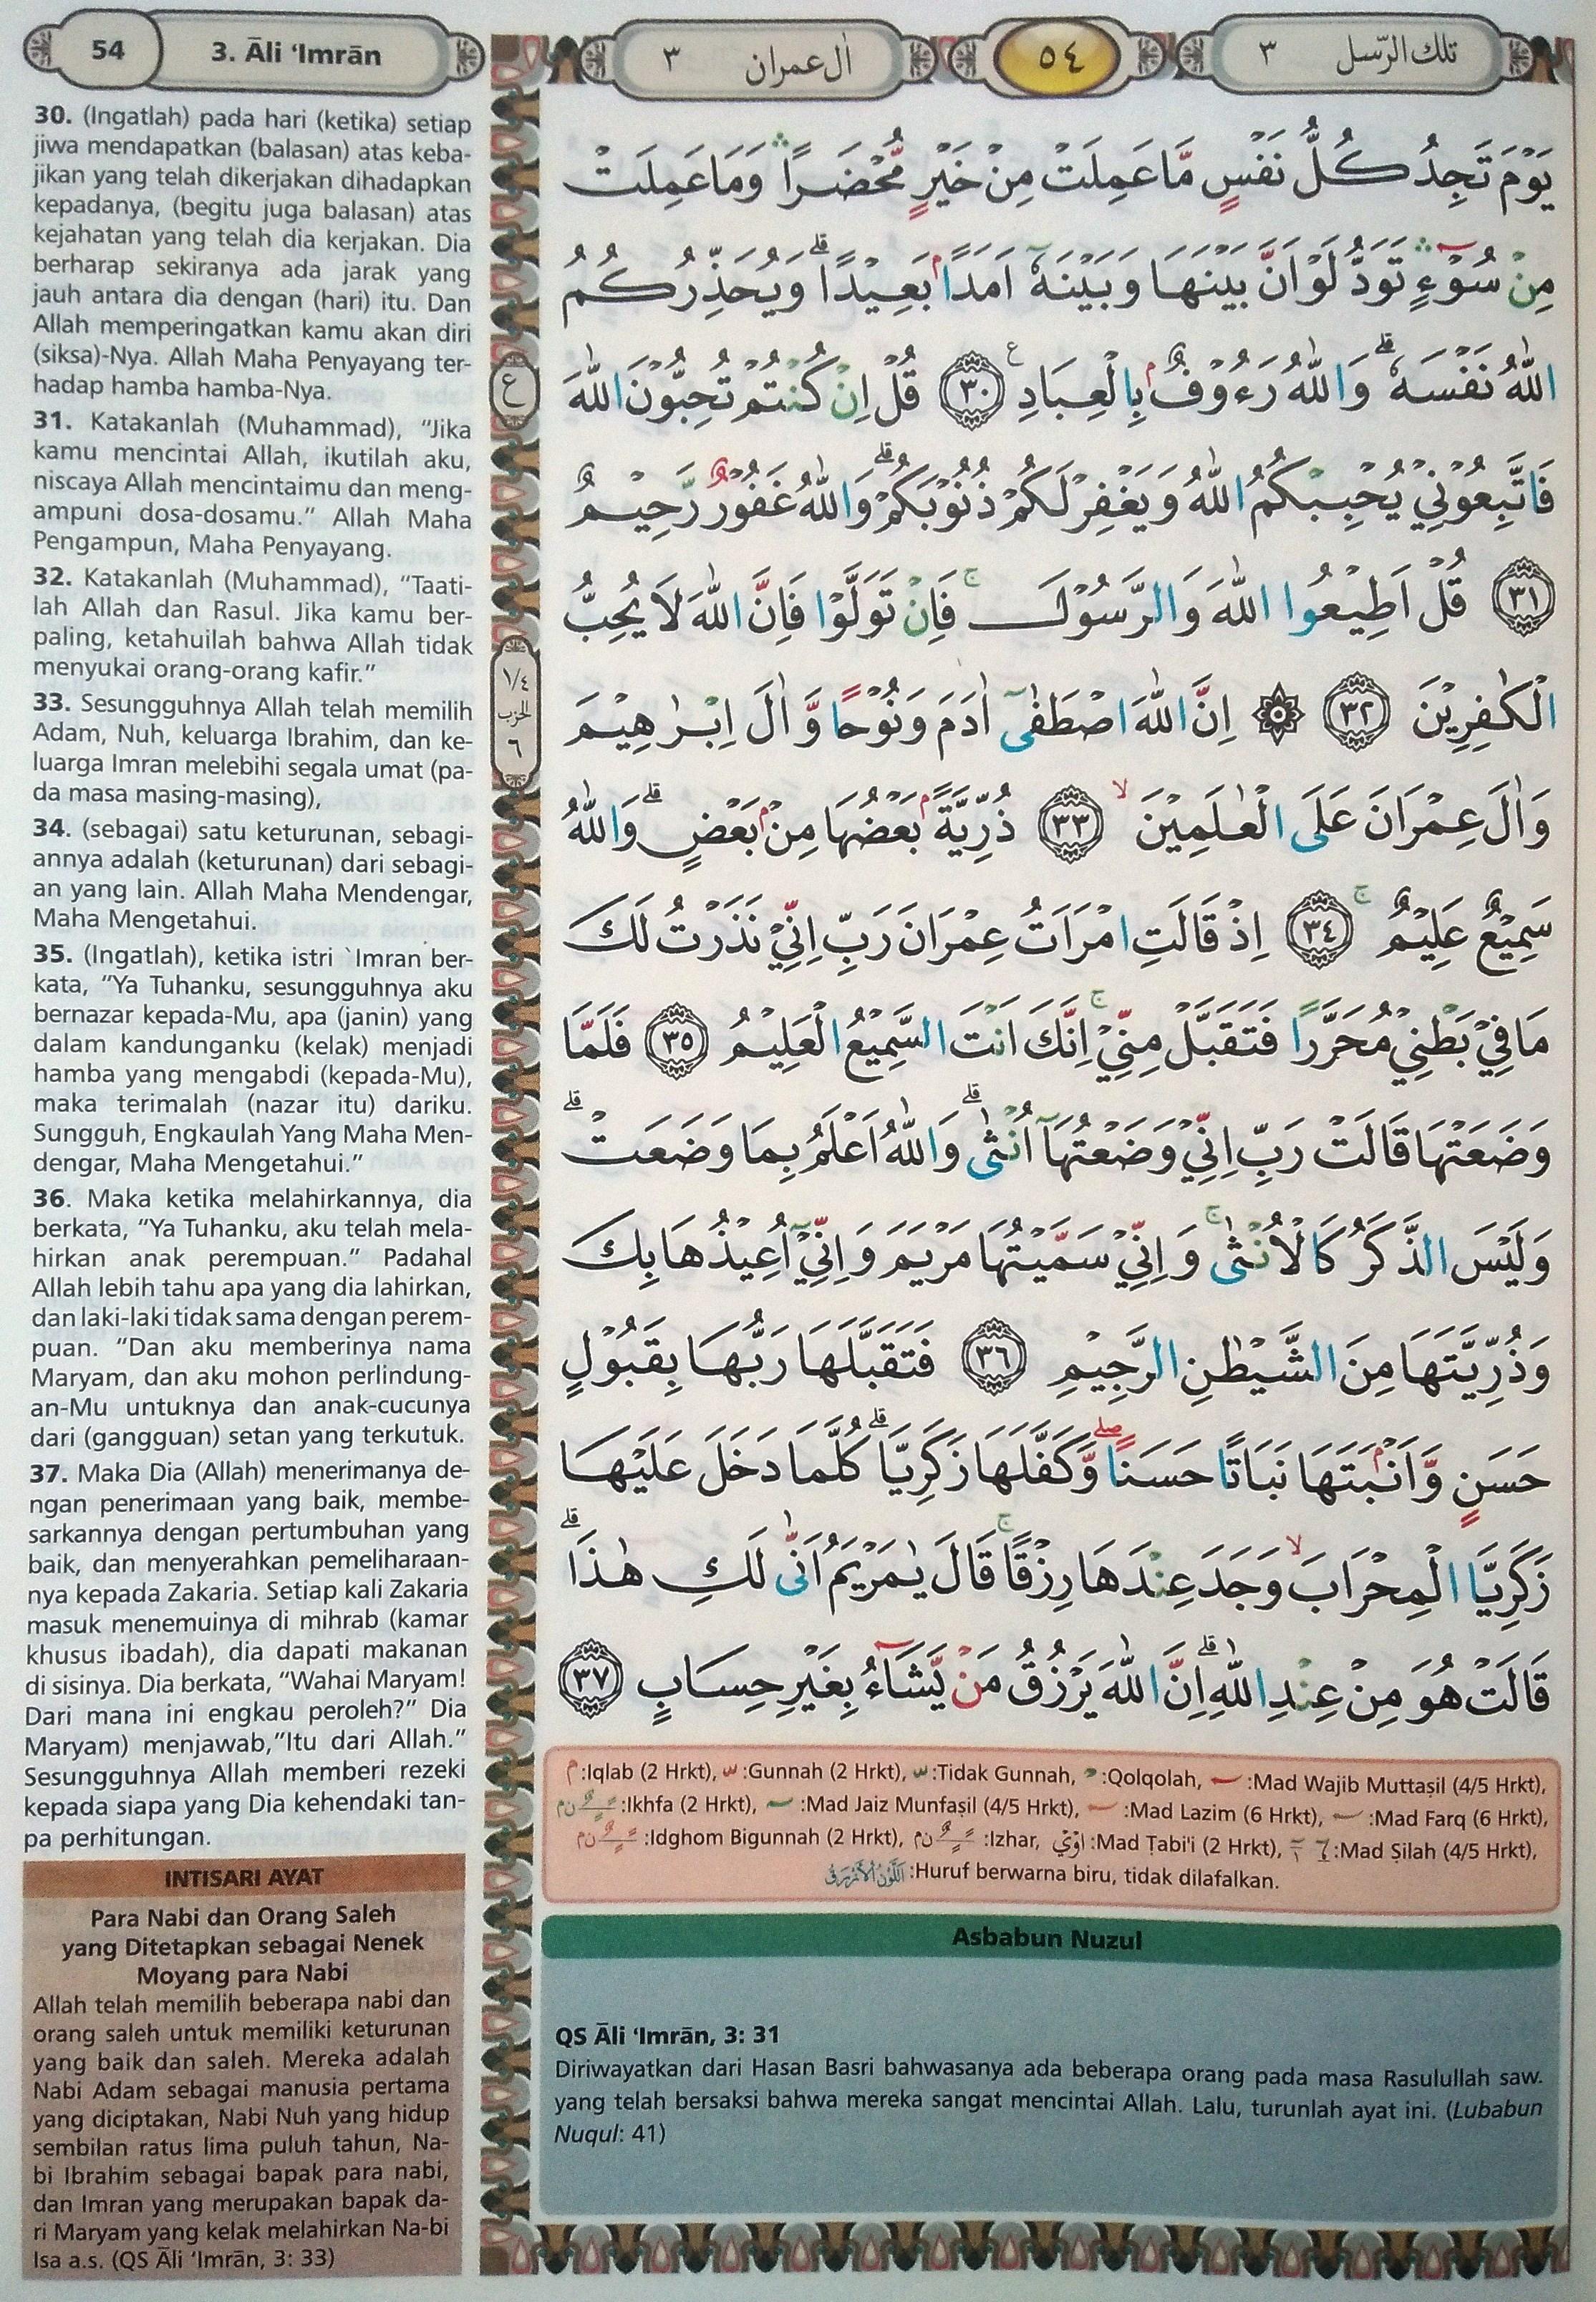 Ali Imran 30-37